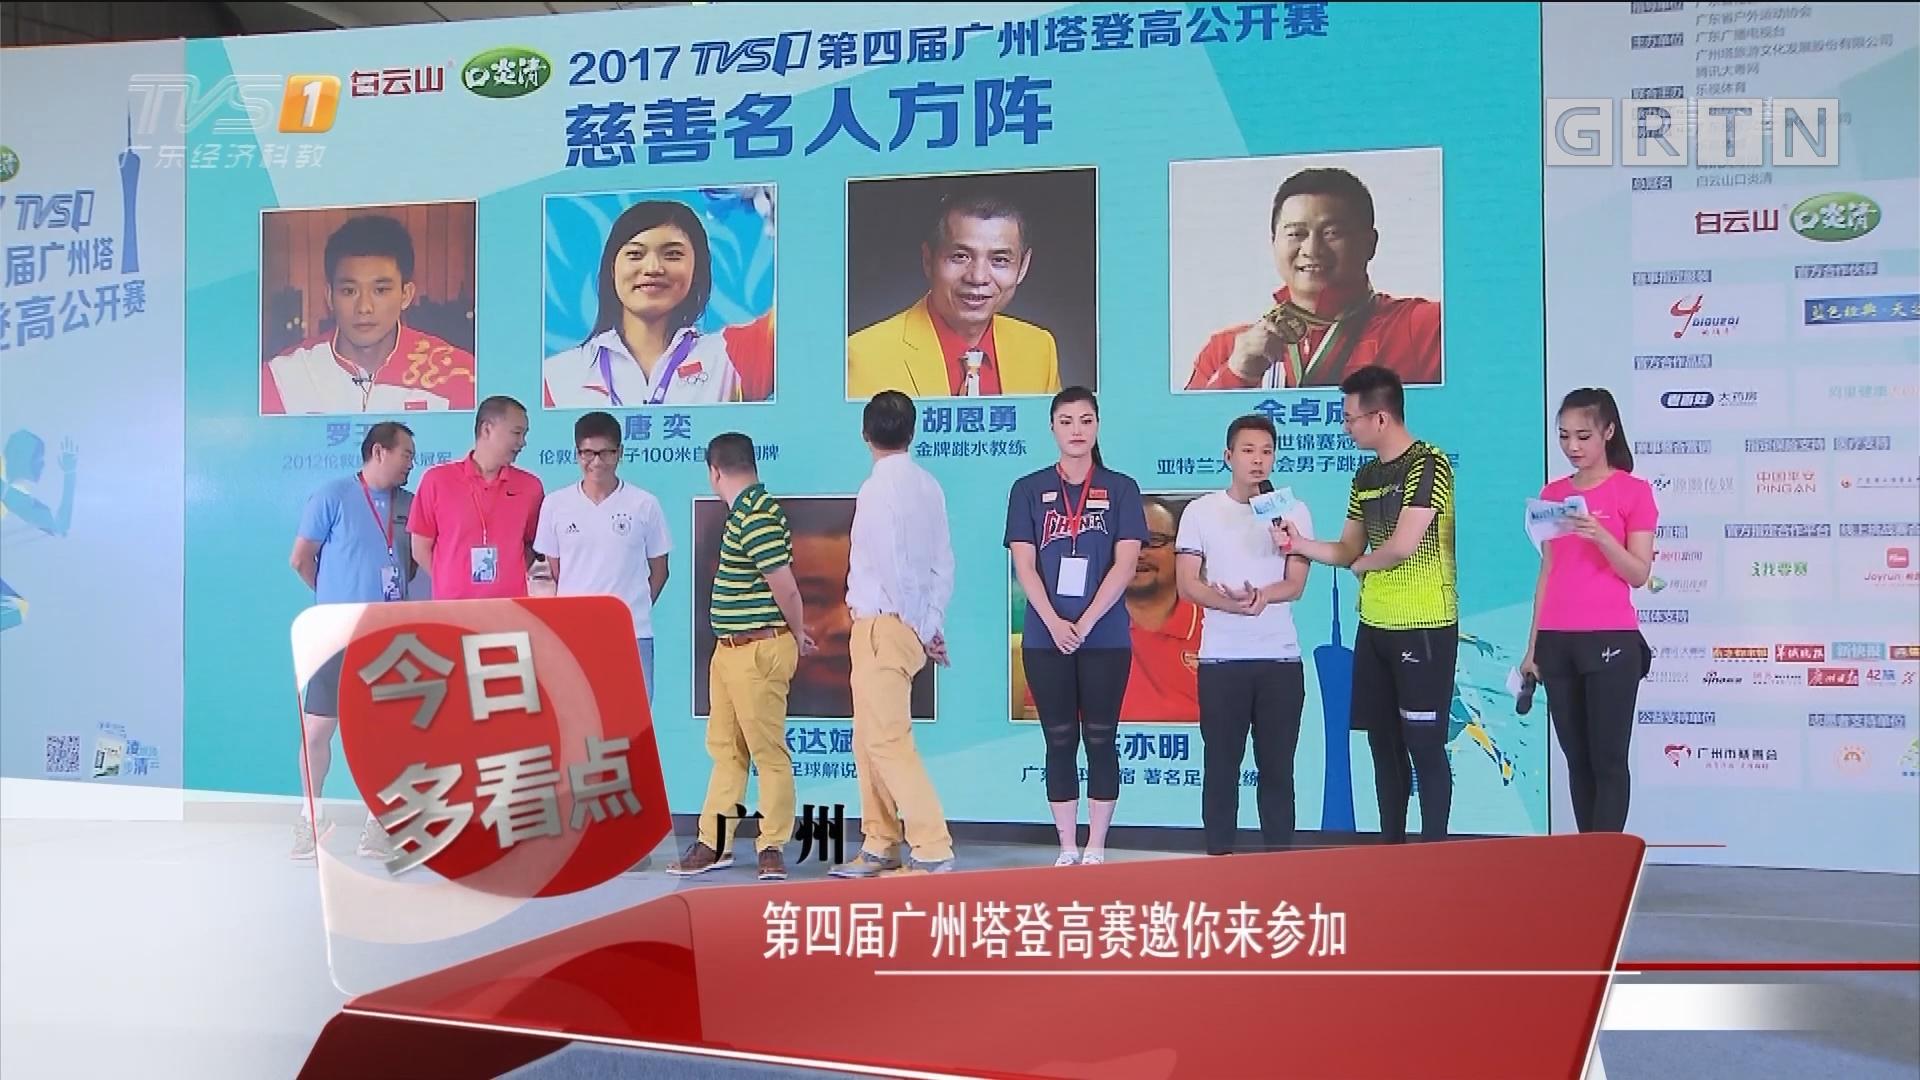 广州:第四届广州塔登高赛邀你来参加